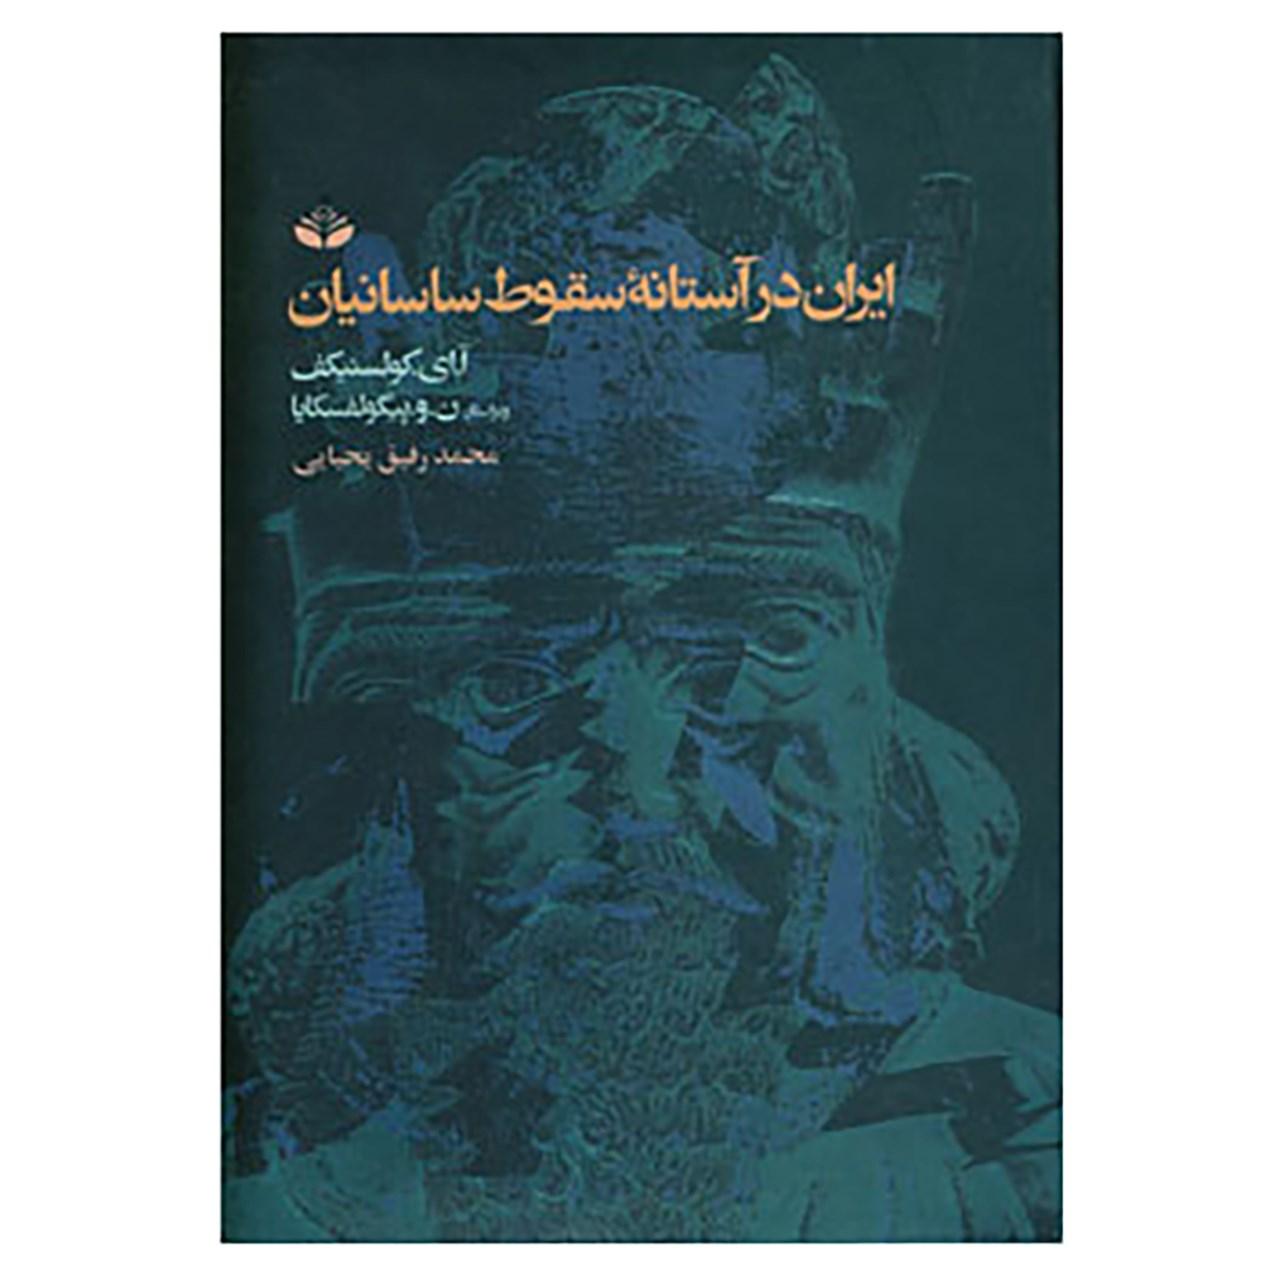 خرید                      کتاب ایران در آستانه سقوط ساسانیان اثر الی ایوانوویچ کالسنیکوف